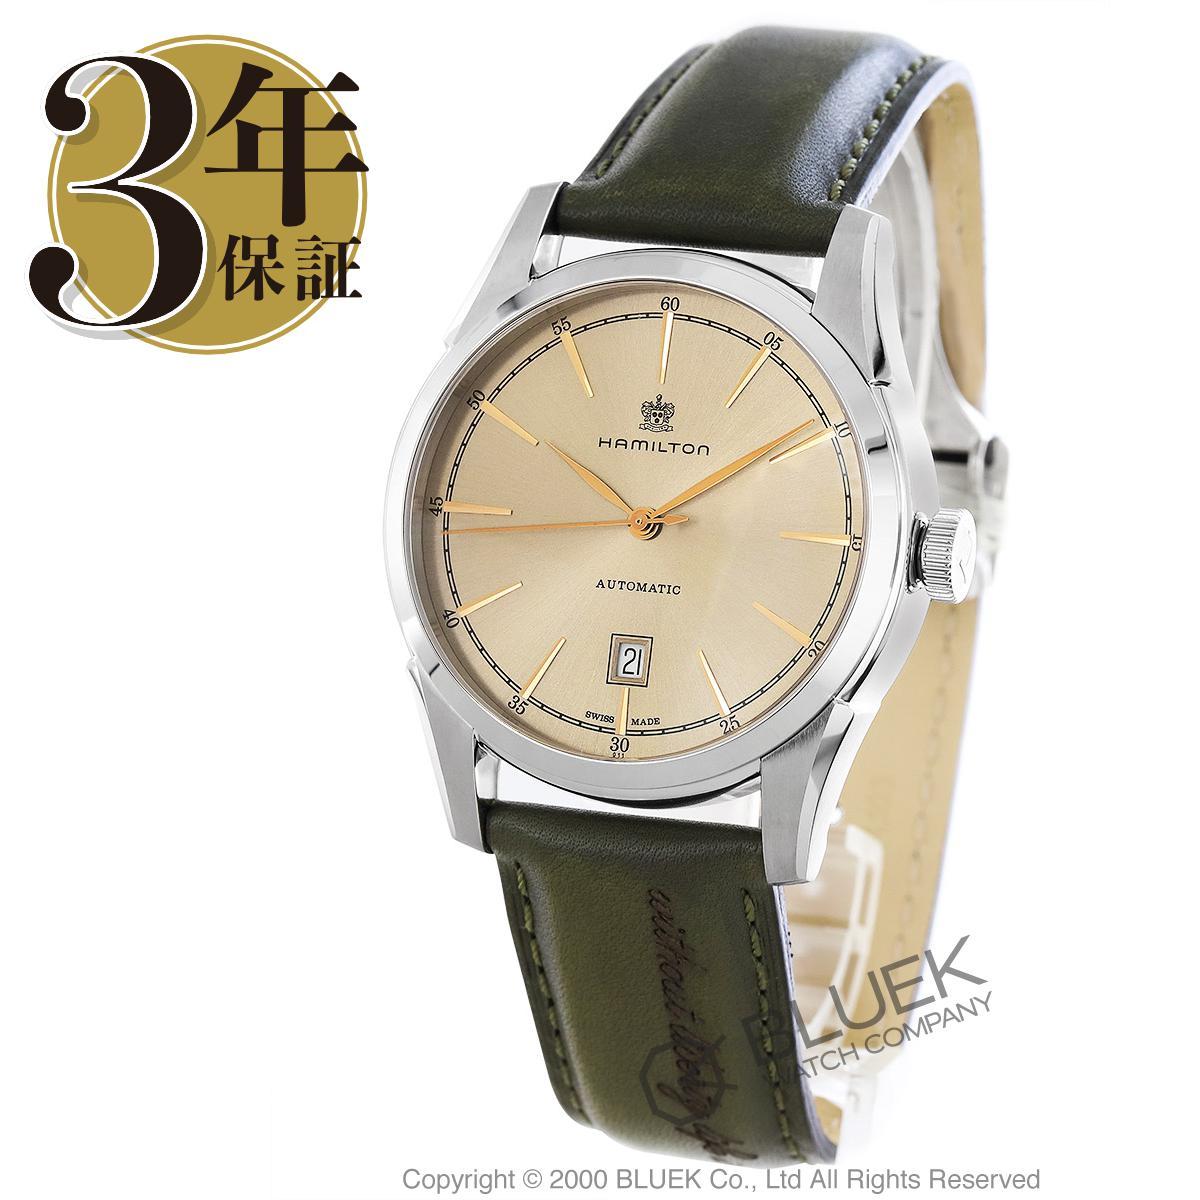 ハミルトン アメリカンクラシック スピリット オブ リバティ 腕時計 メンズ HAMILTON H42415801_3